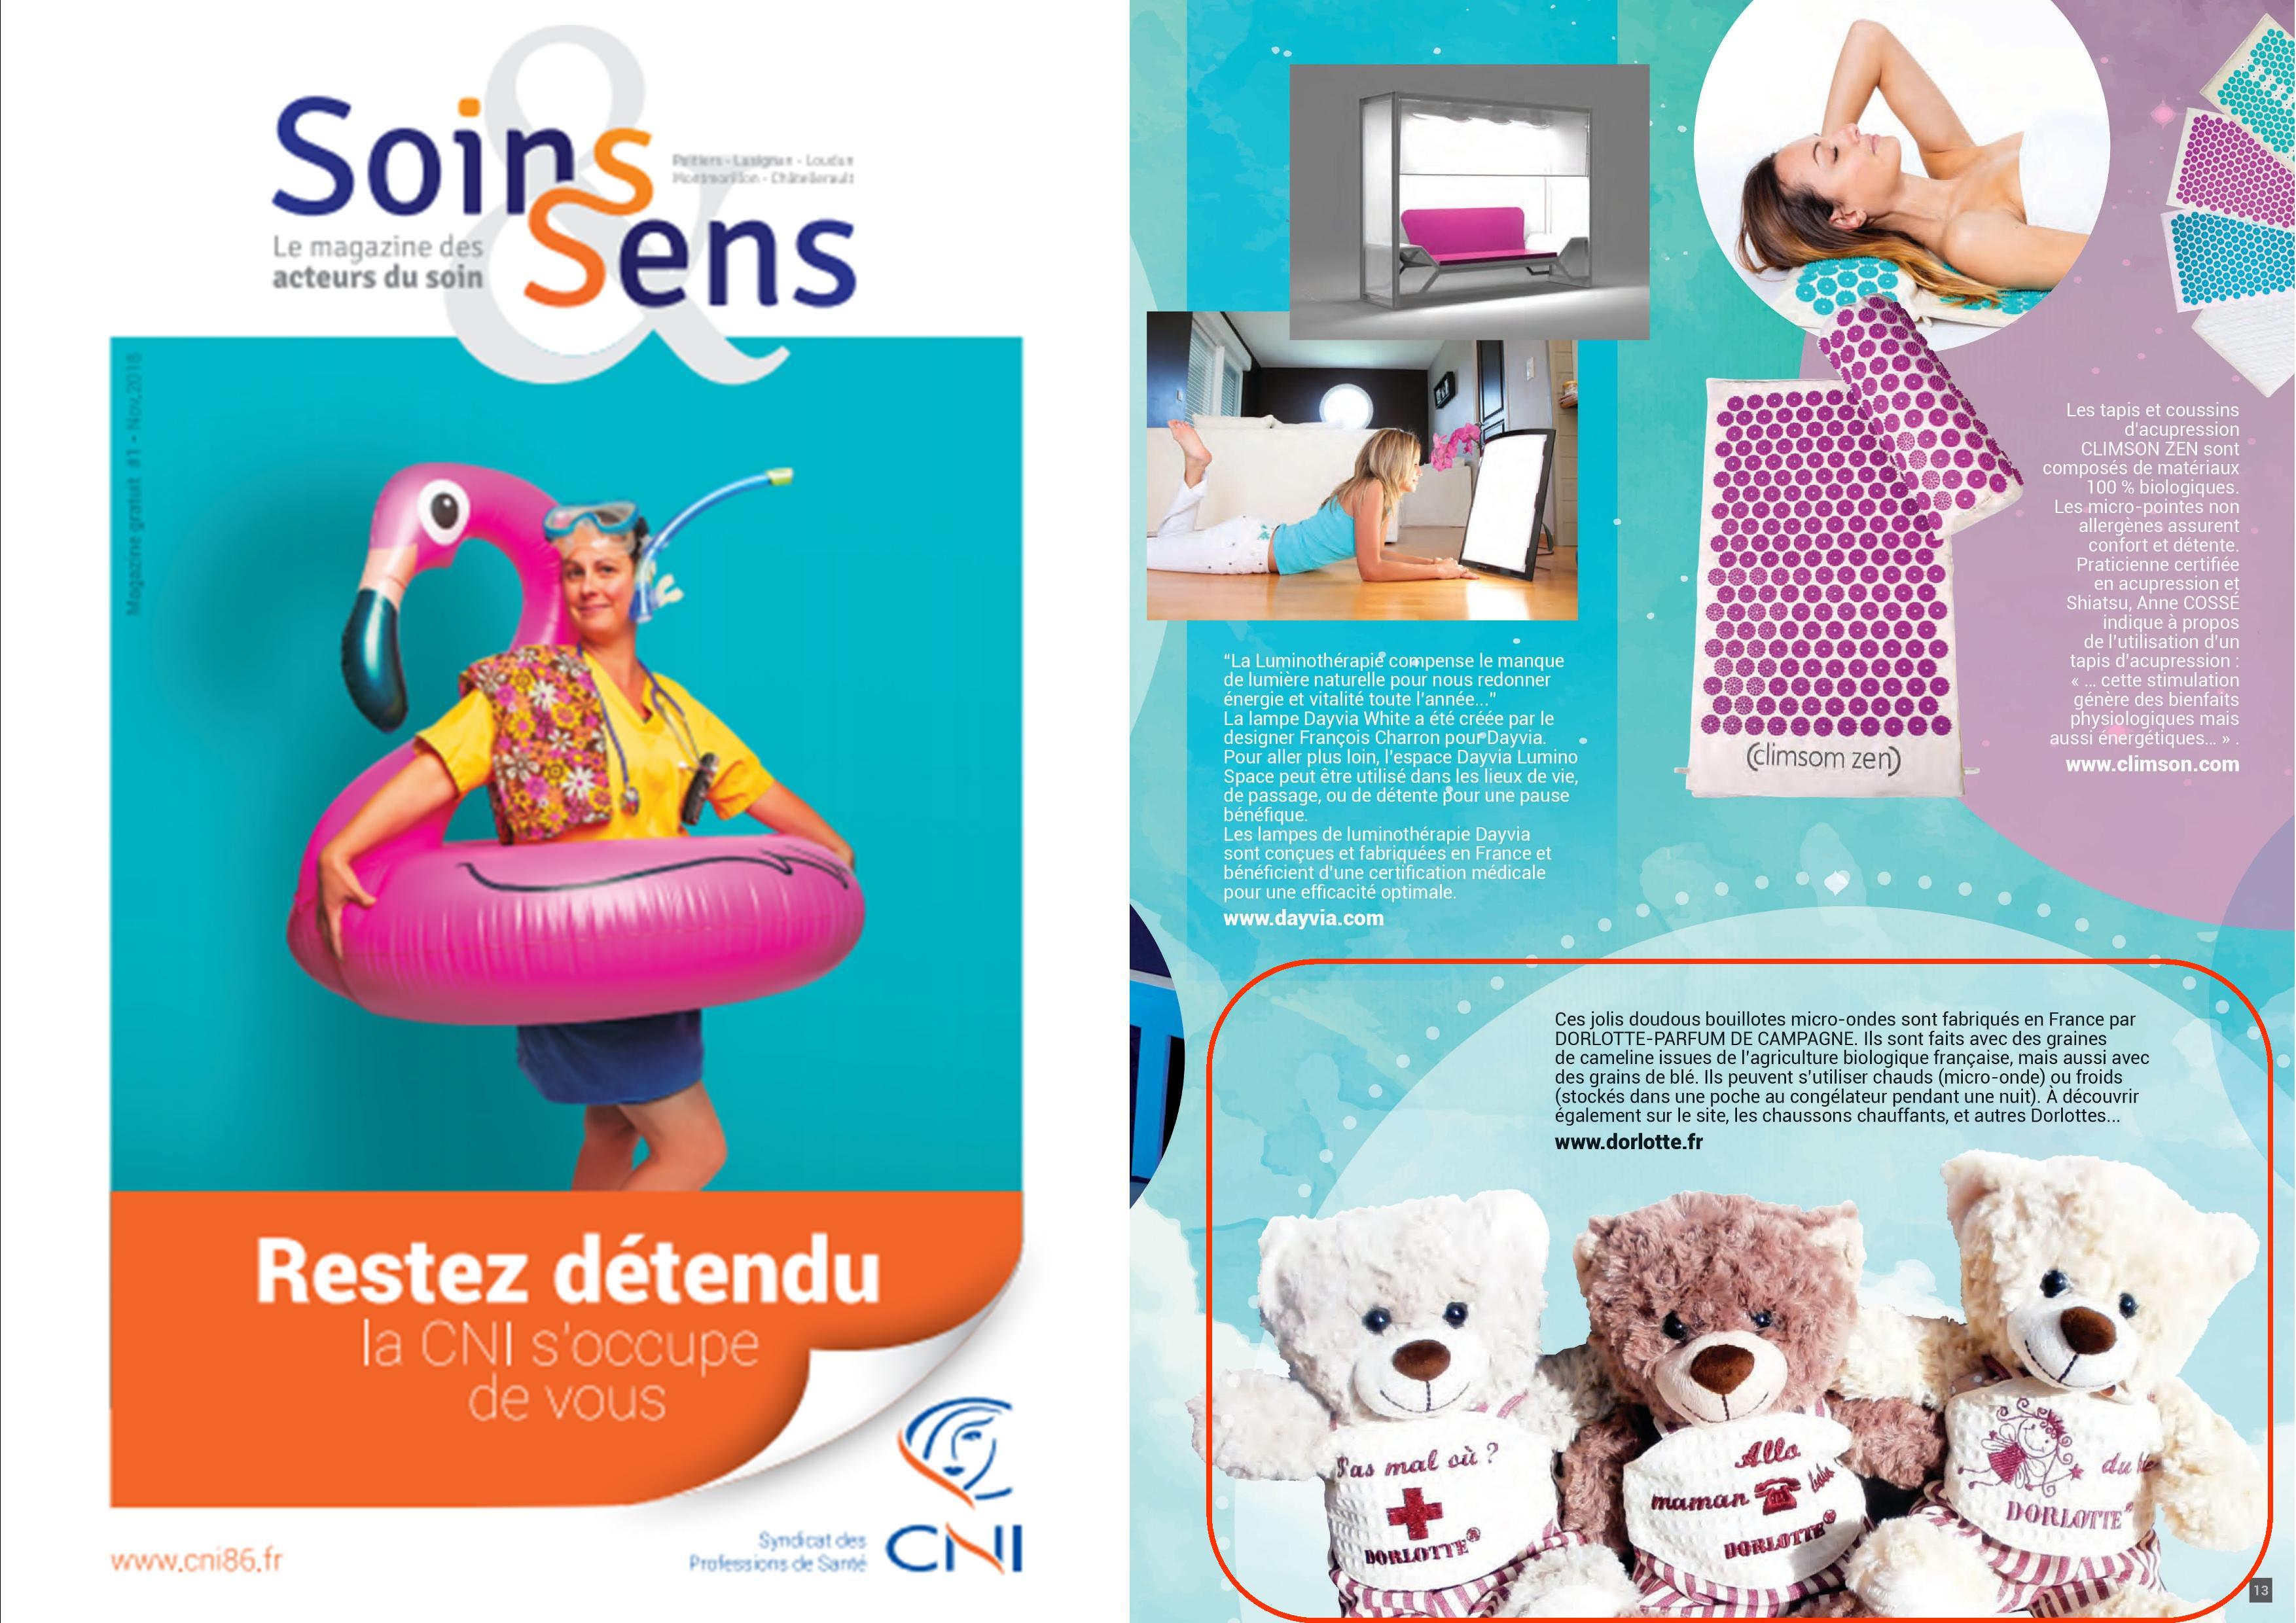 Le doudou bouillotte peluche chauffante dans le magazine des acteurs du soin Soins & Sens